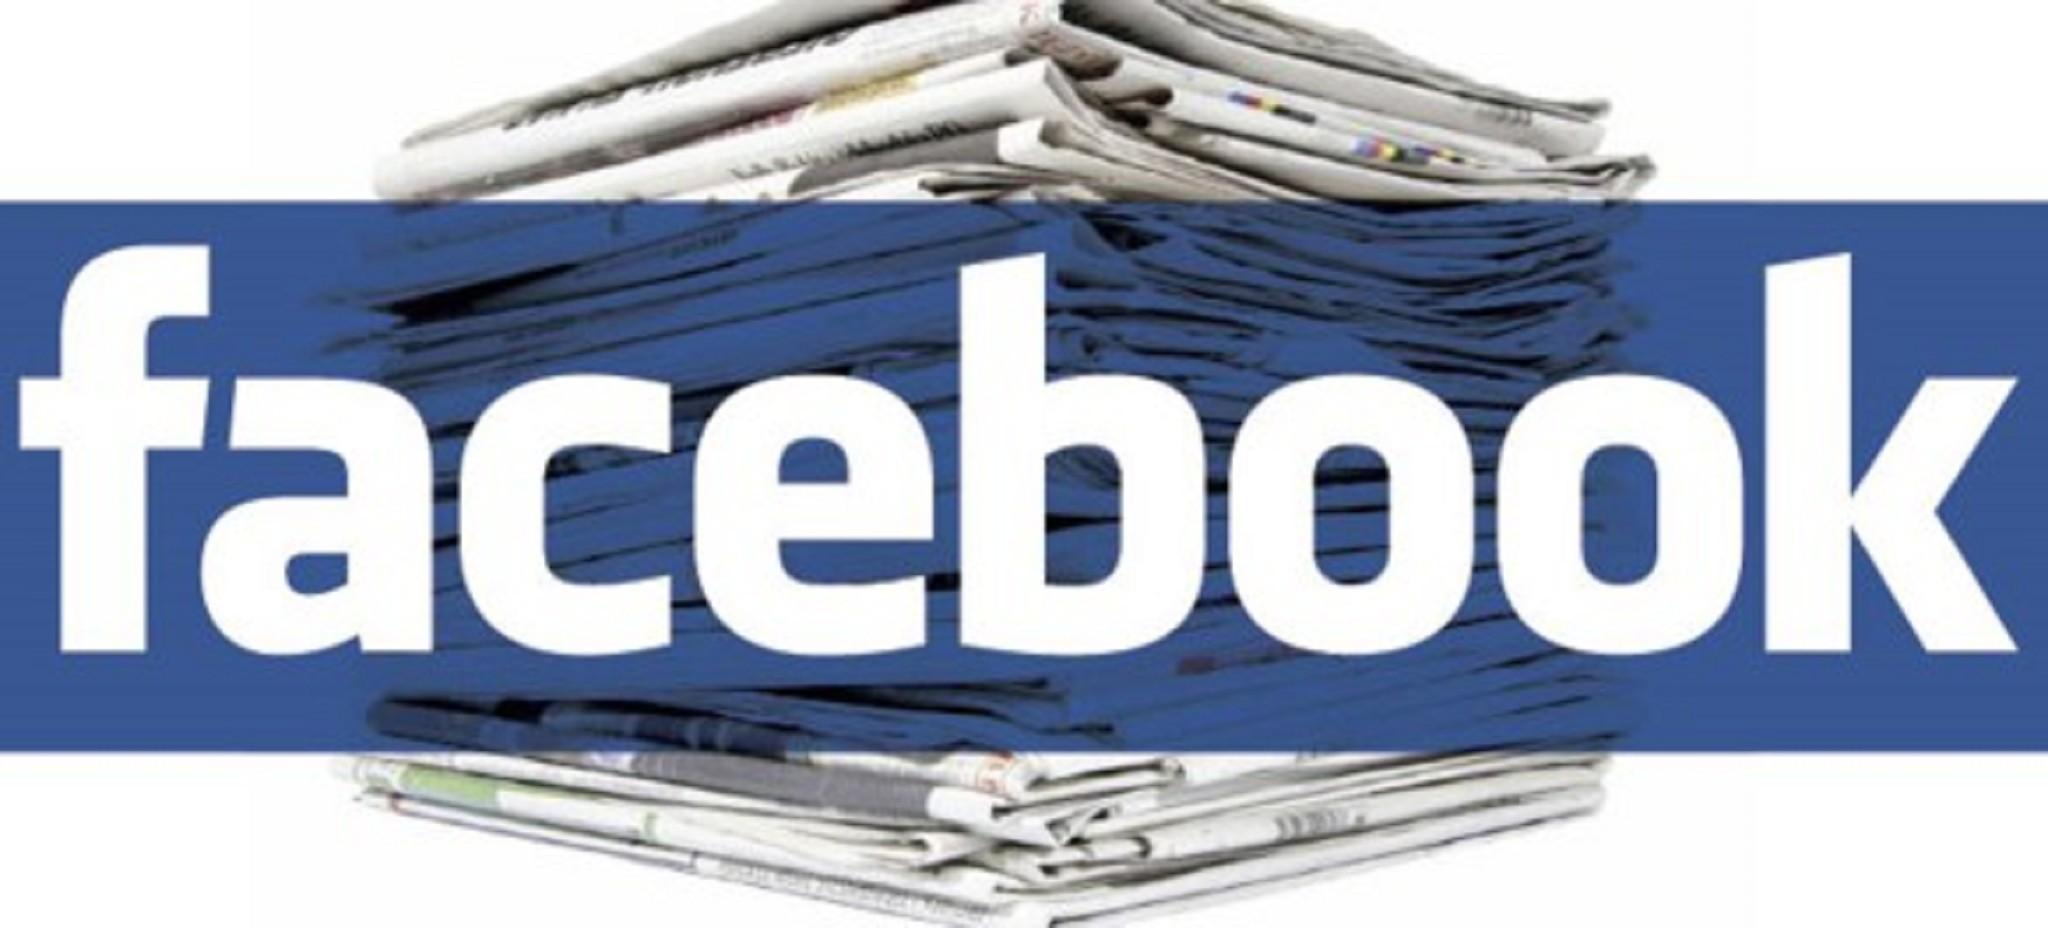 臉書新聞平台預計在本月登場,臉書和新聞出版商誰是贏家?